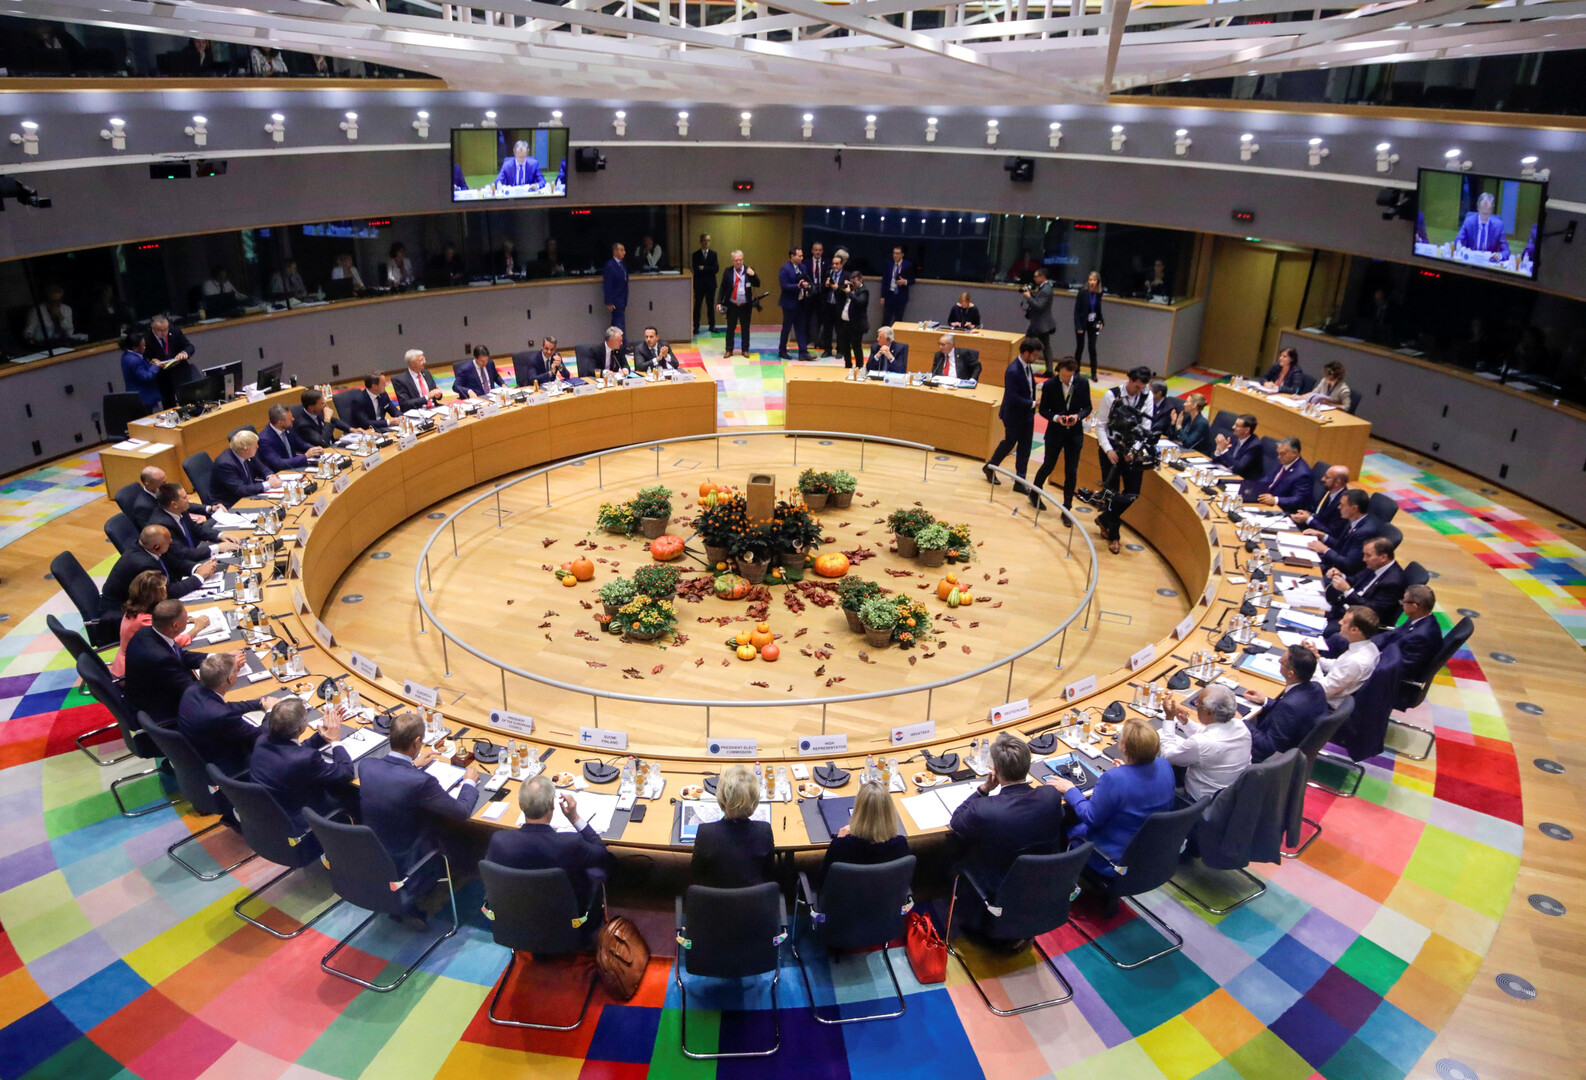 قمة الاتحاد الأوروبي في بروكسل يوم 17 أكتوبر